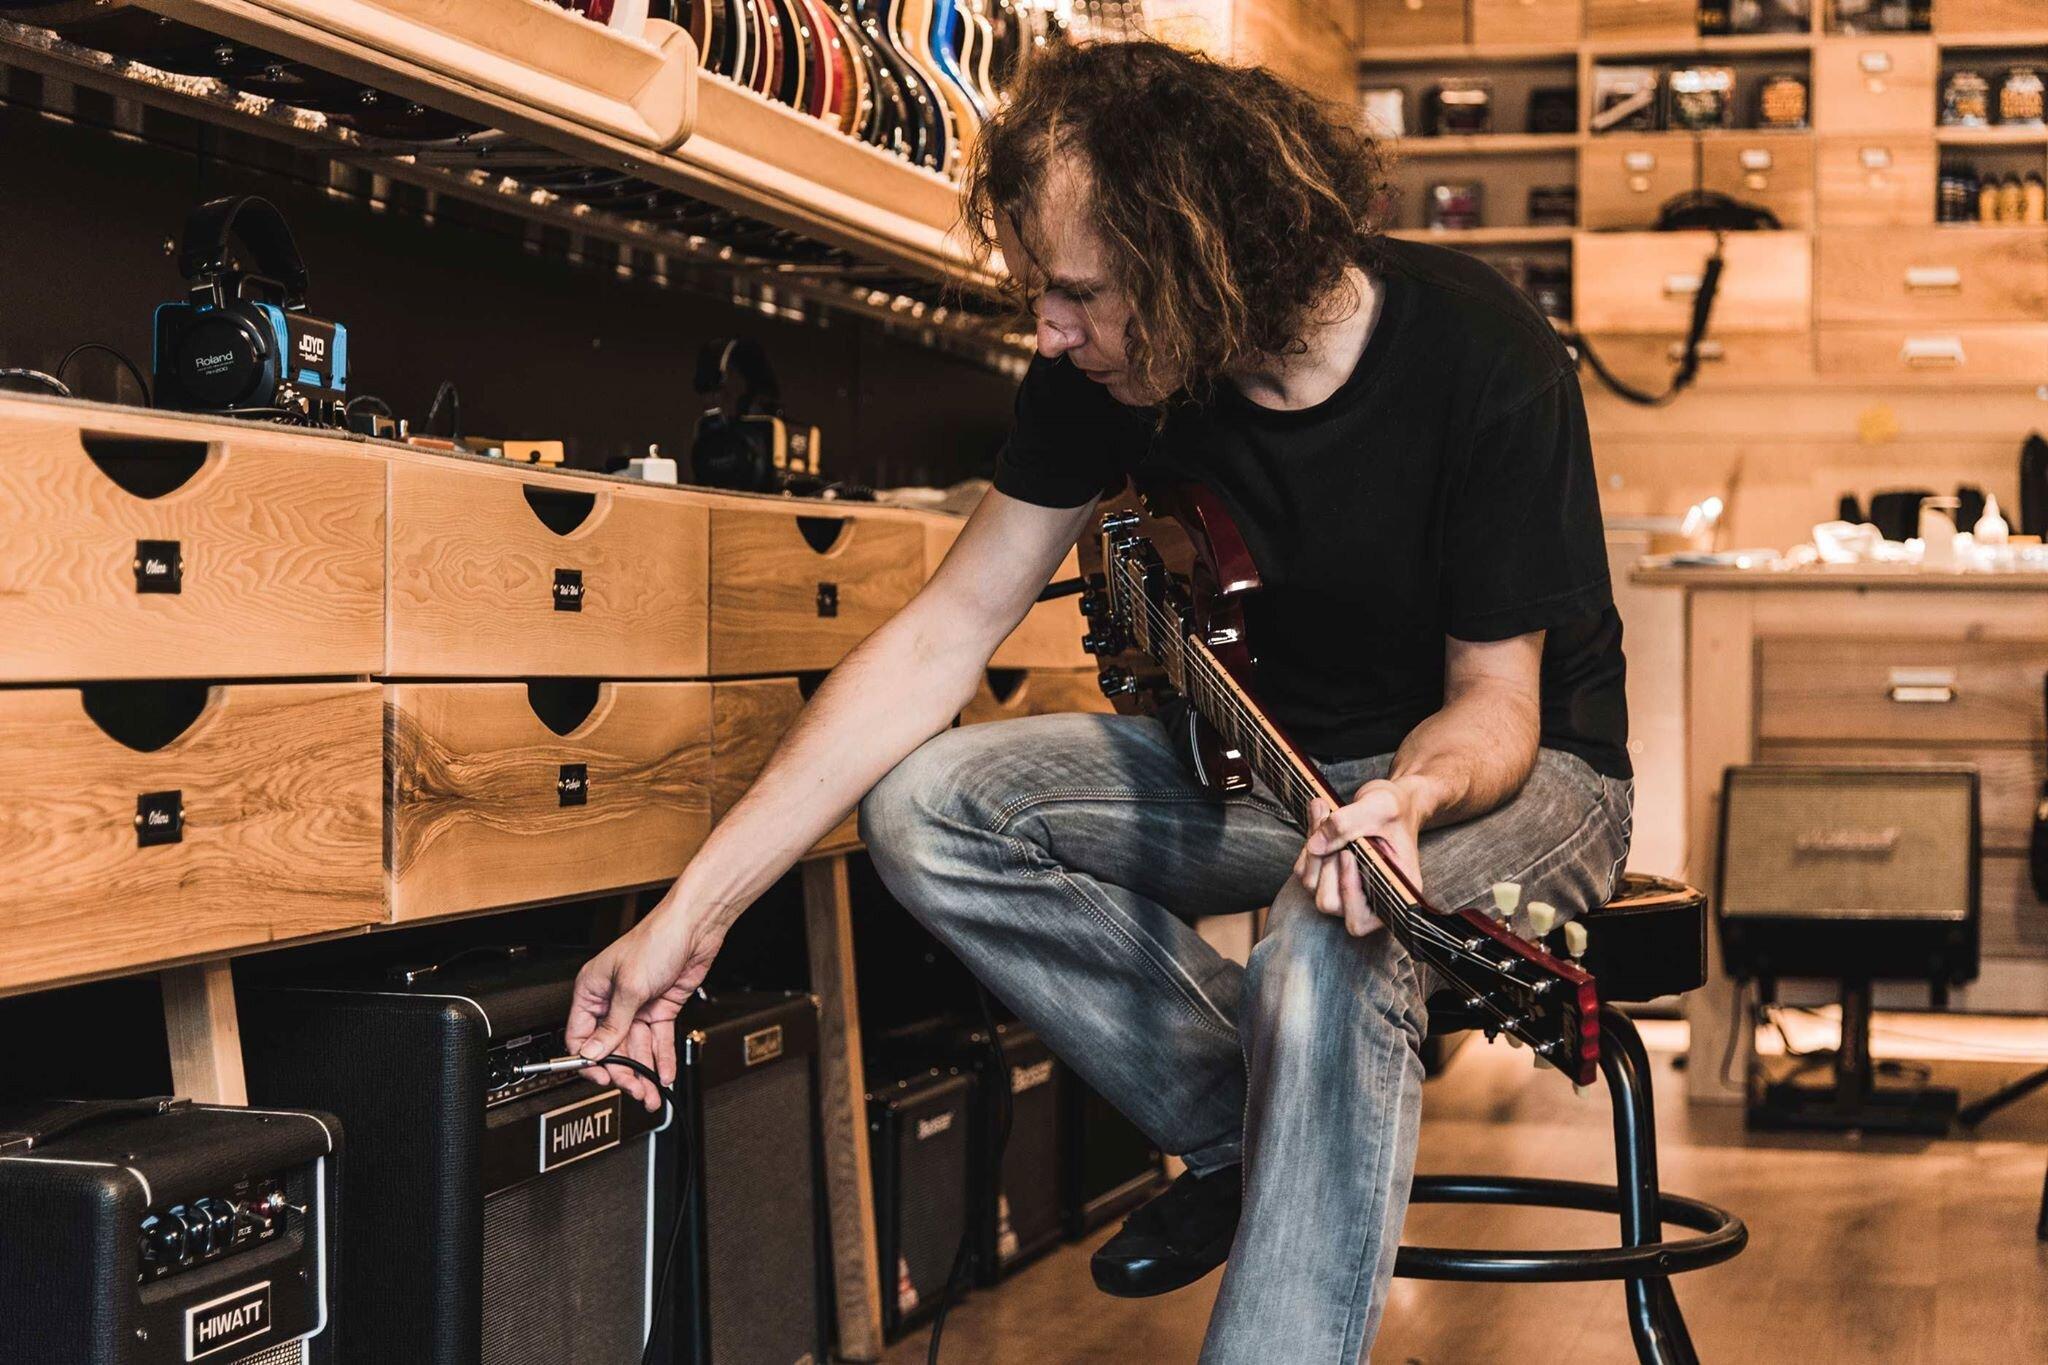 Магазин гитарный клуб в москве отзывы ночном клубе art